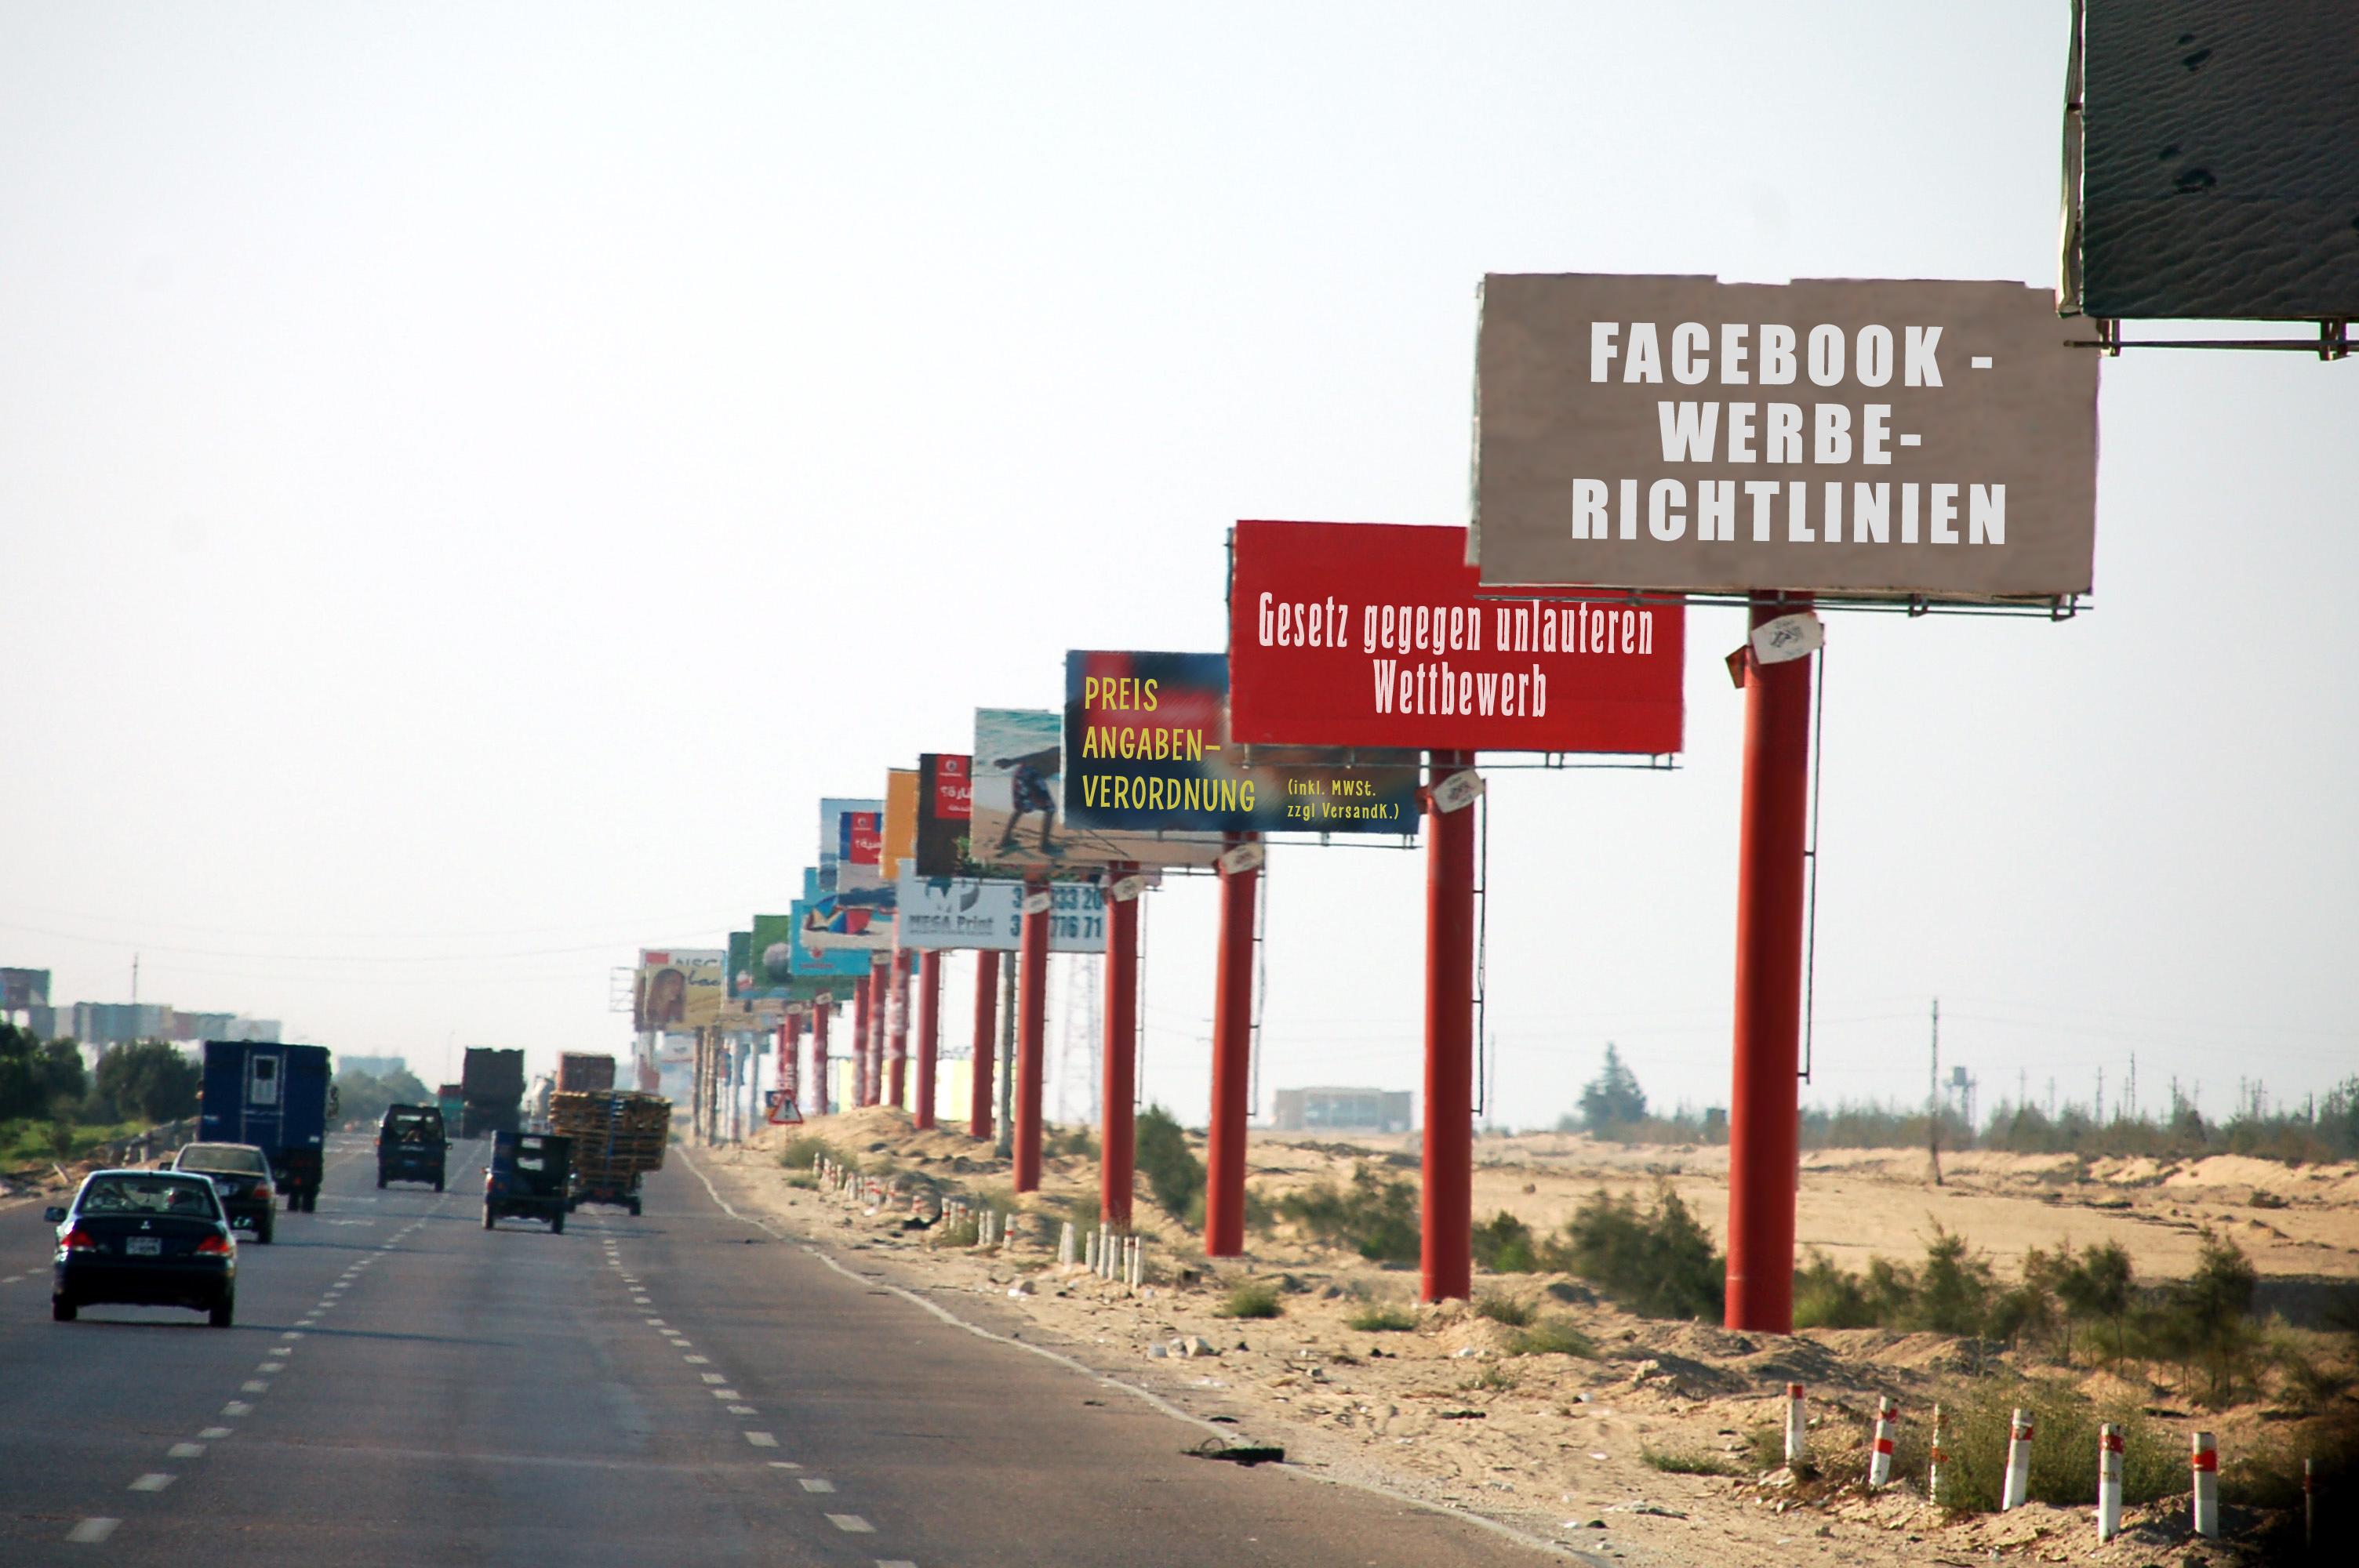 Werbeinhalte und -Anzeigen | Rechtliche Stolperfallen beim Facebookmarketing Teil 8